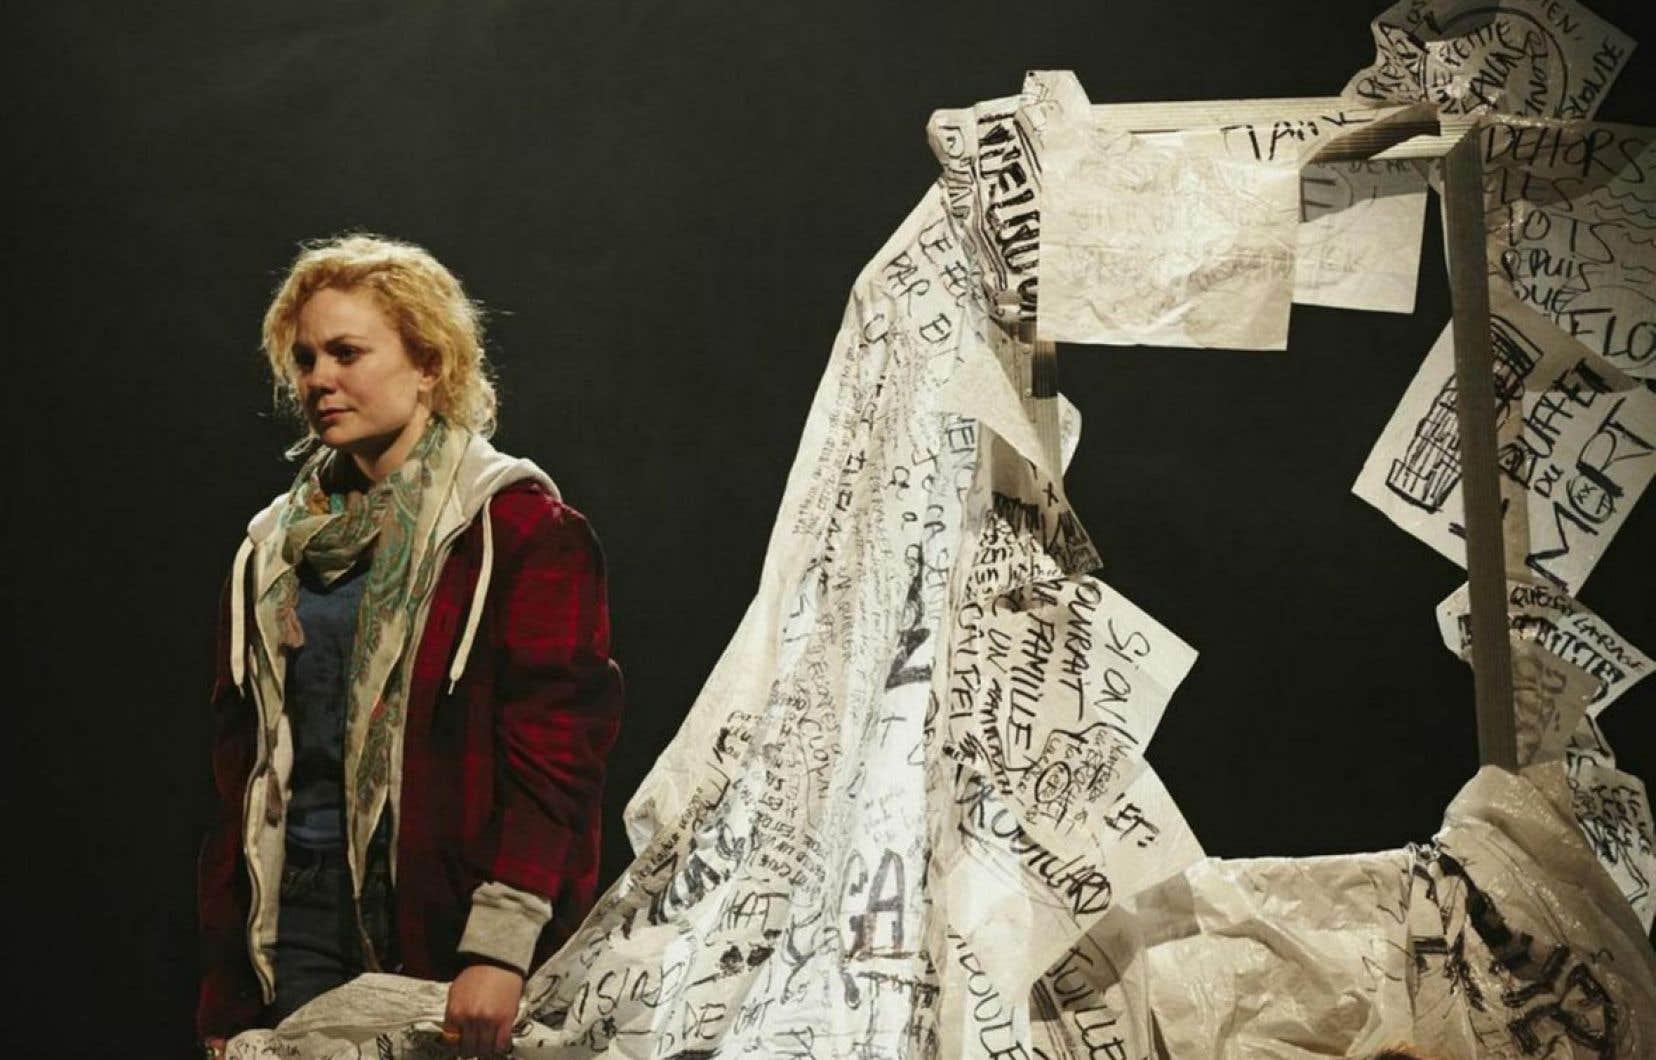 Dans Autopsie d'une napkin, Erika Tremblay-Roy met en scène une famille naufragée.